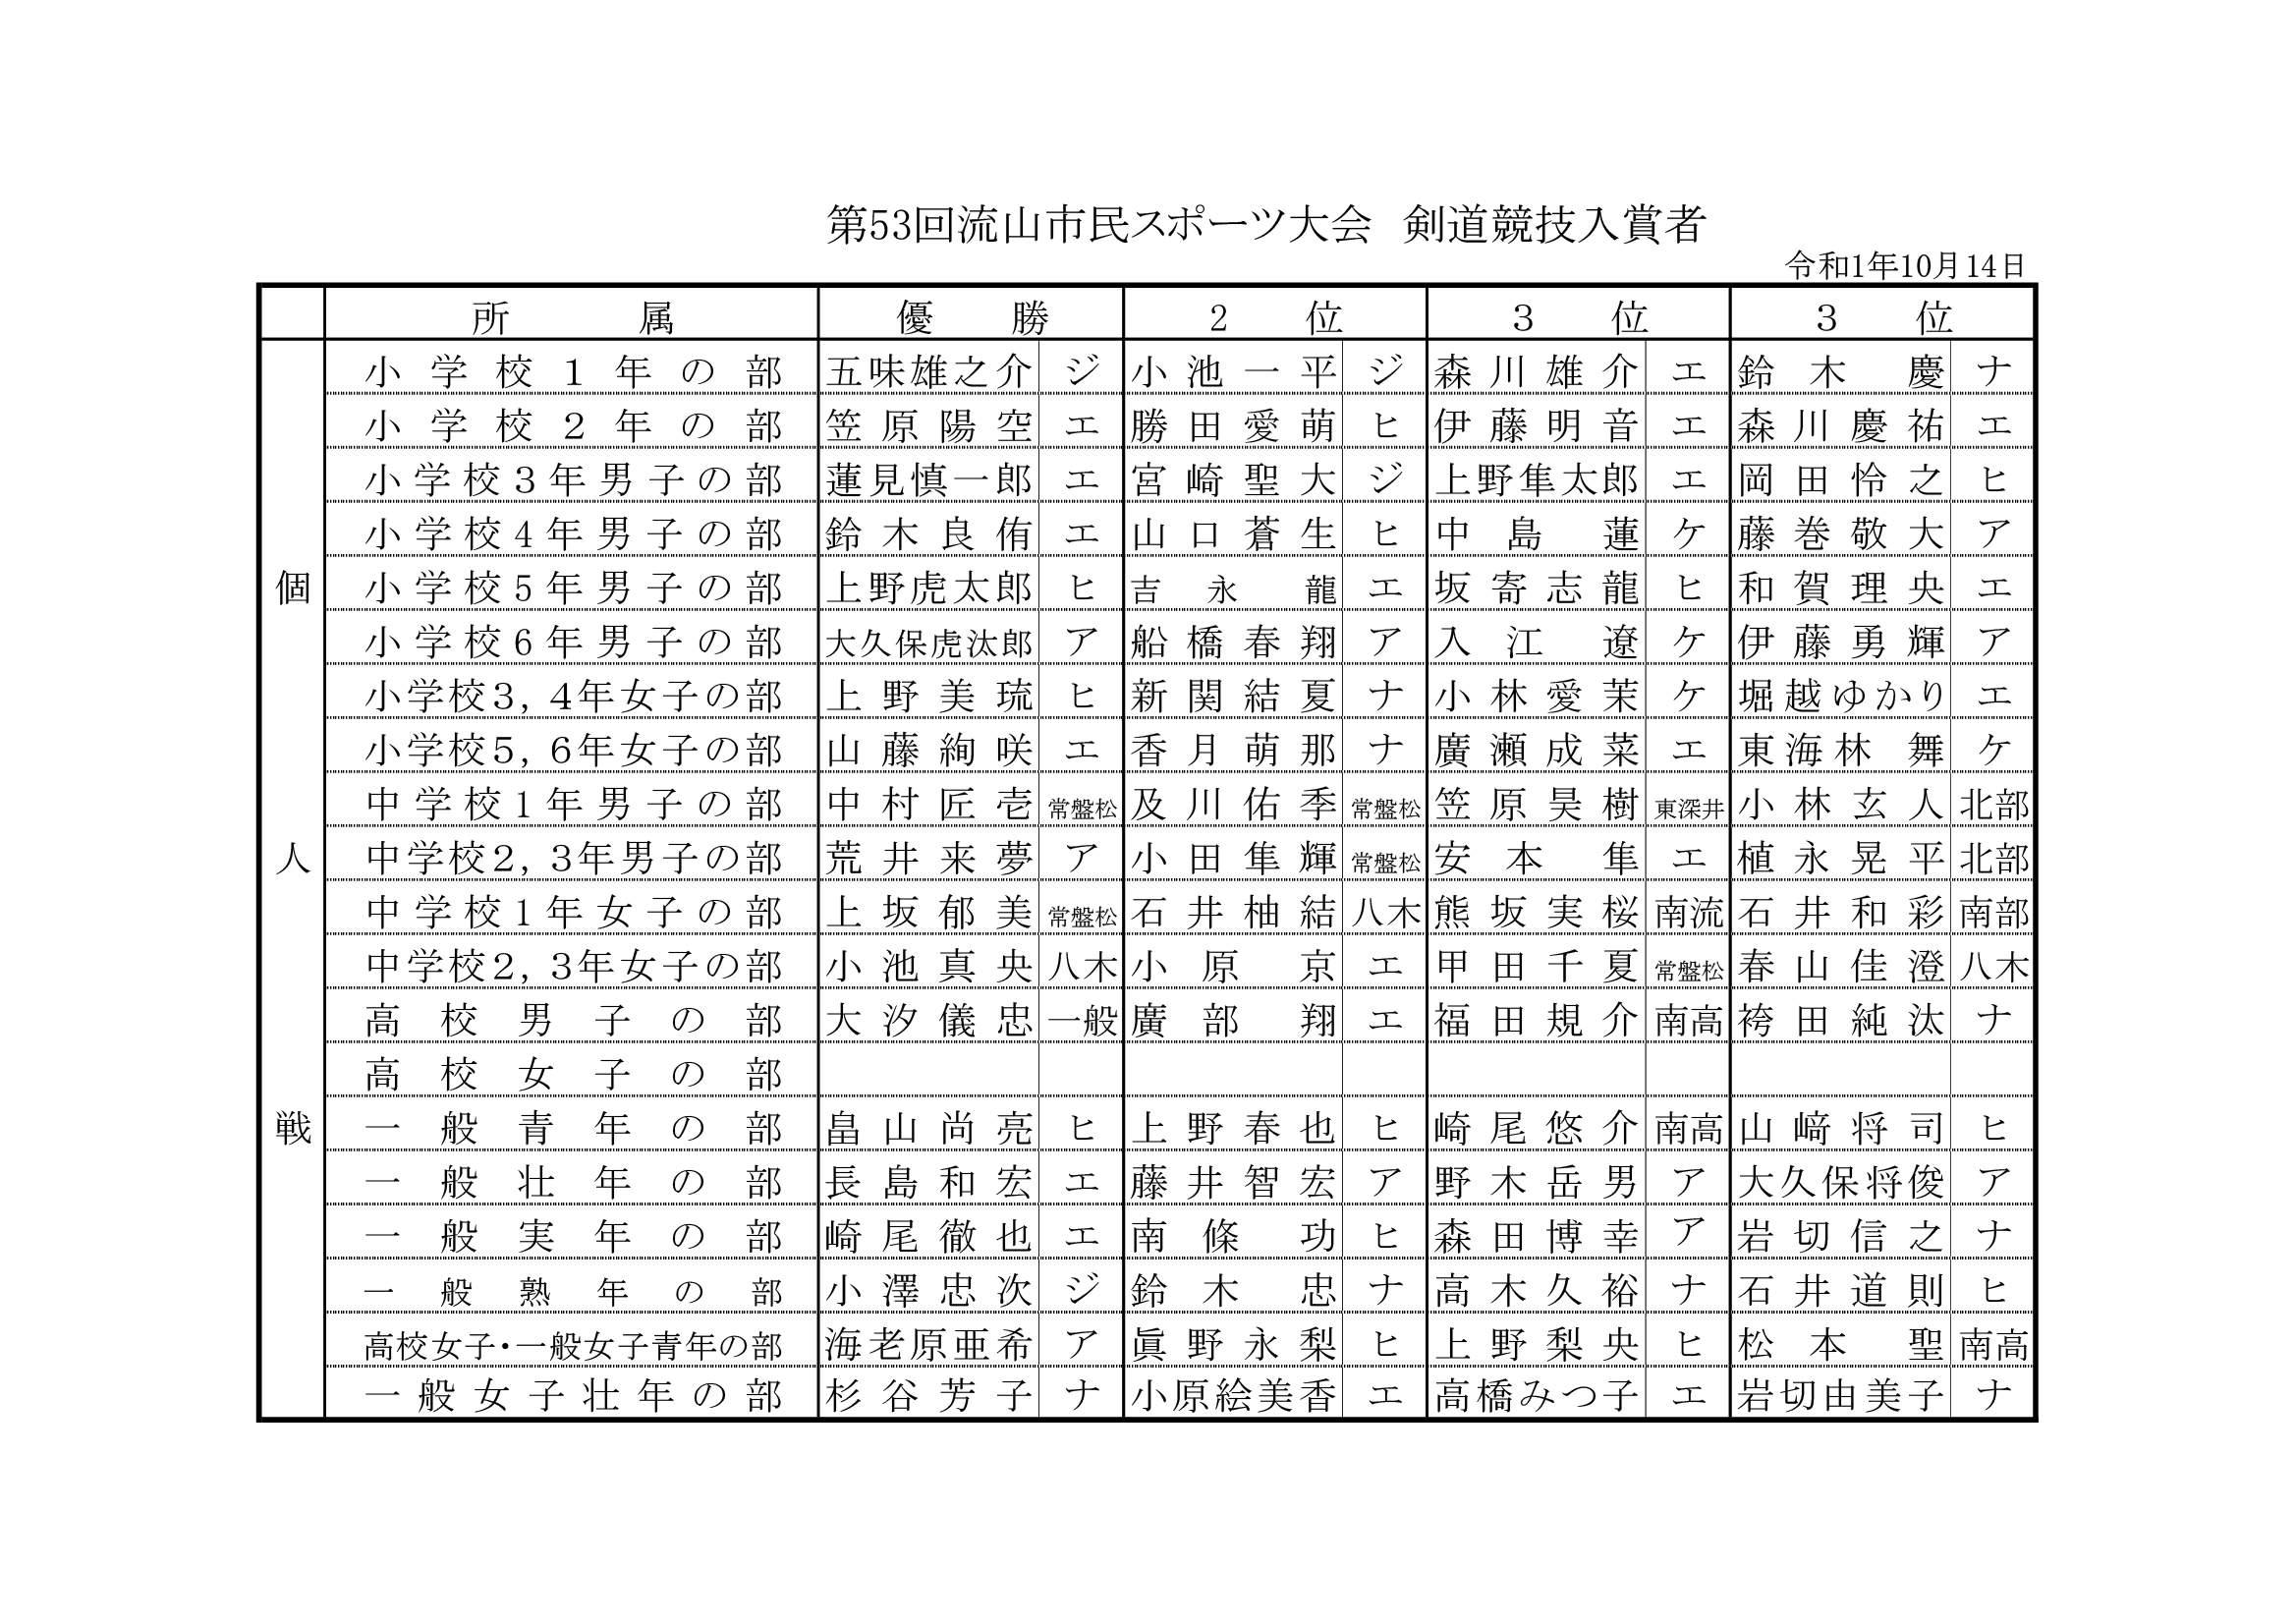 53市民入賞者_0001